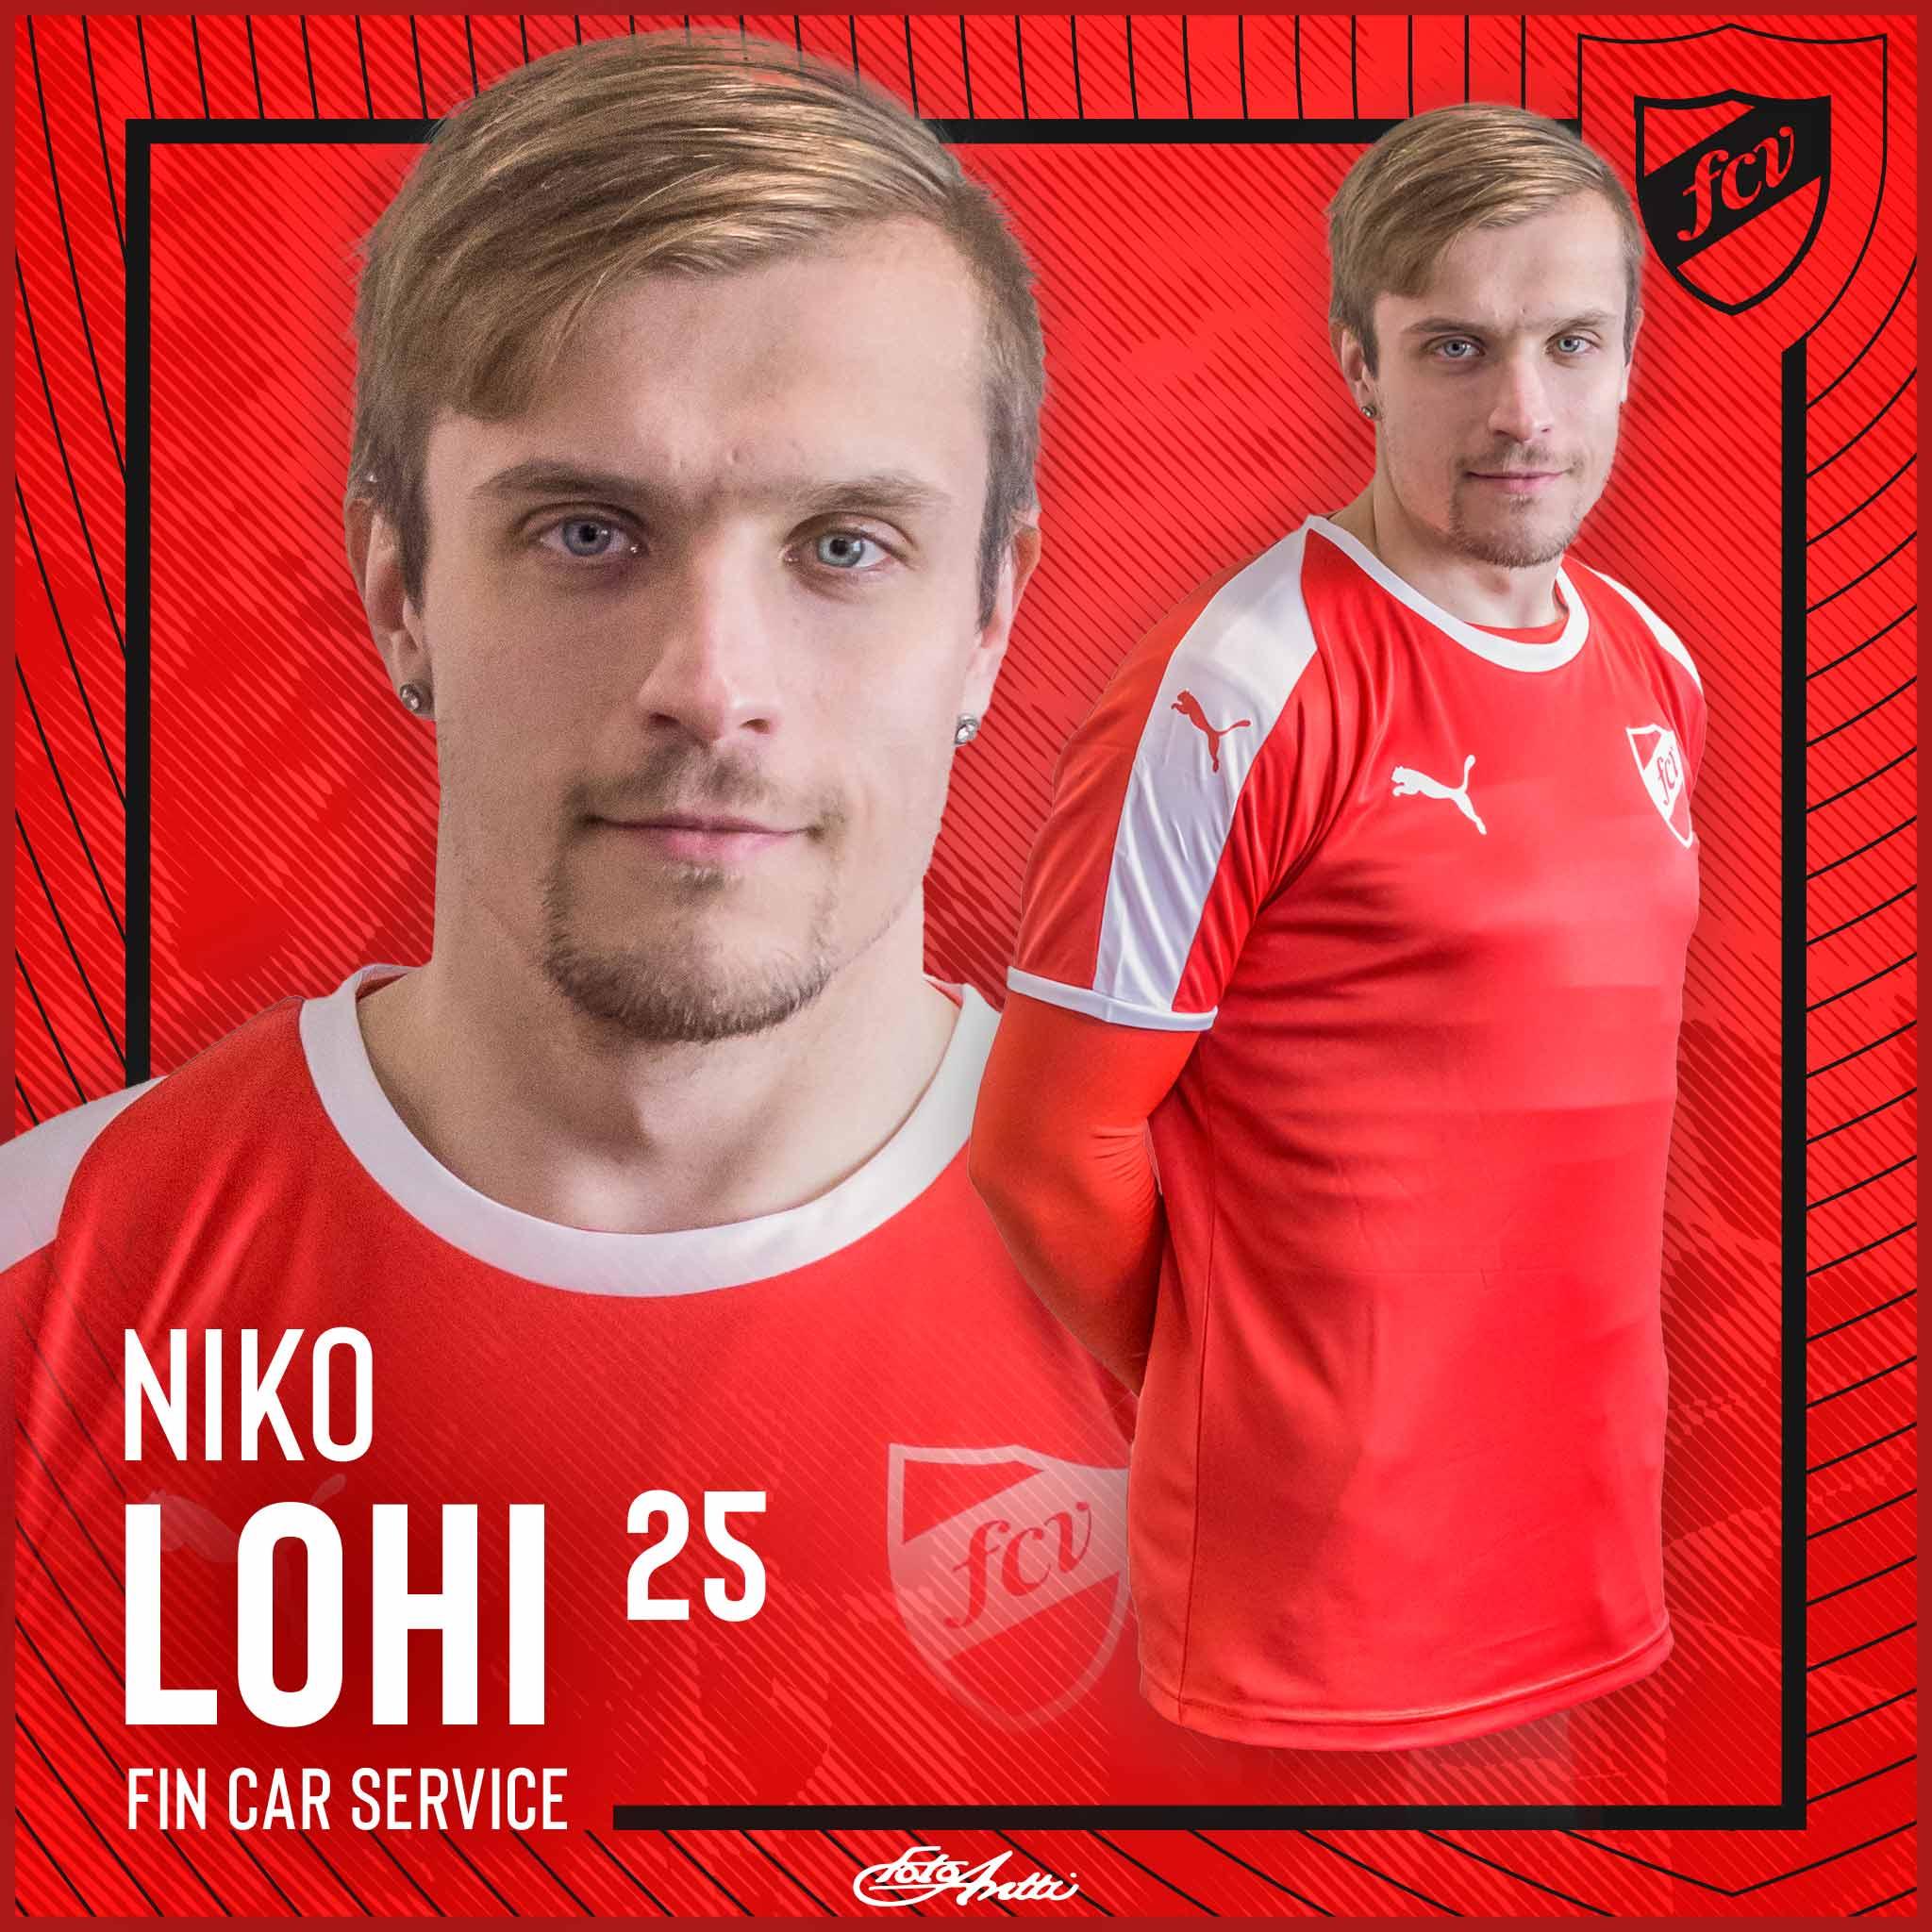 Niko Lohi